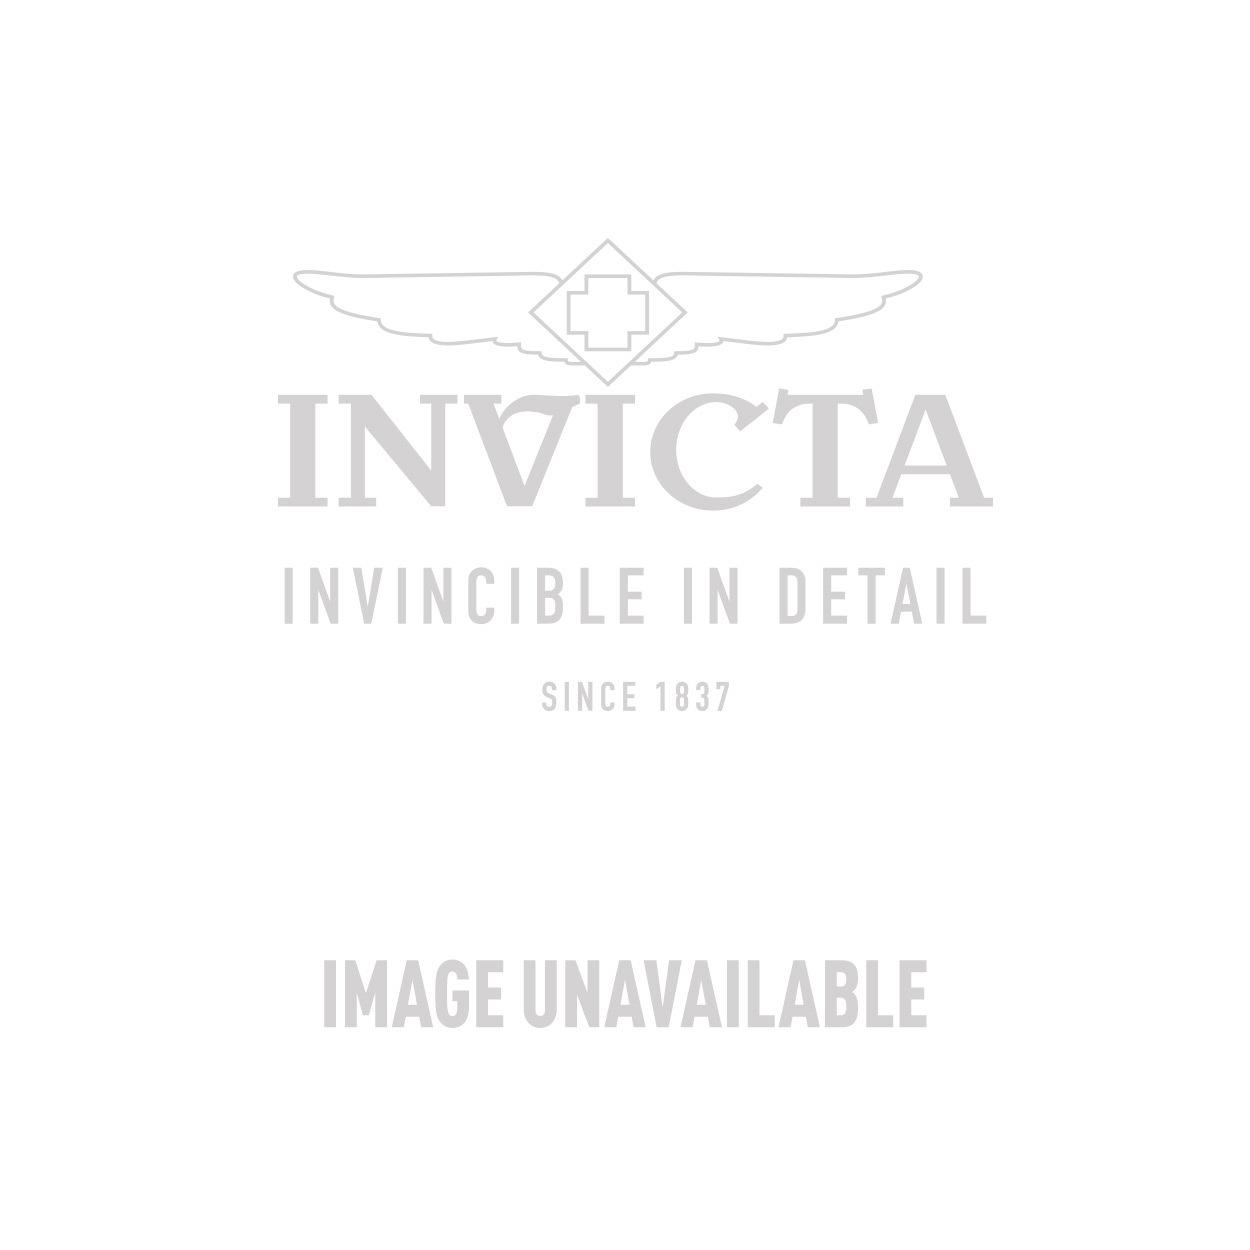 INVICTA Jewelry ALOYSIUS Necklaces 50 28 Silver 925 and Ceramic Rhodium+White+Platinum - Model J0115